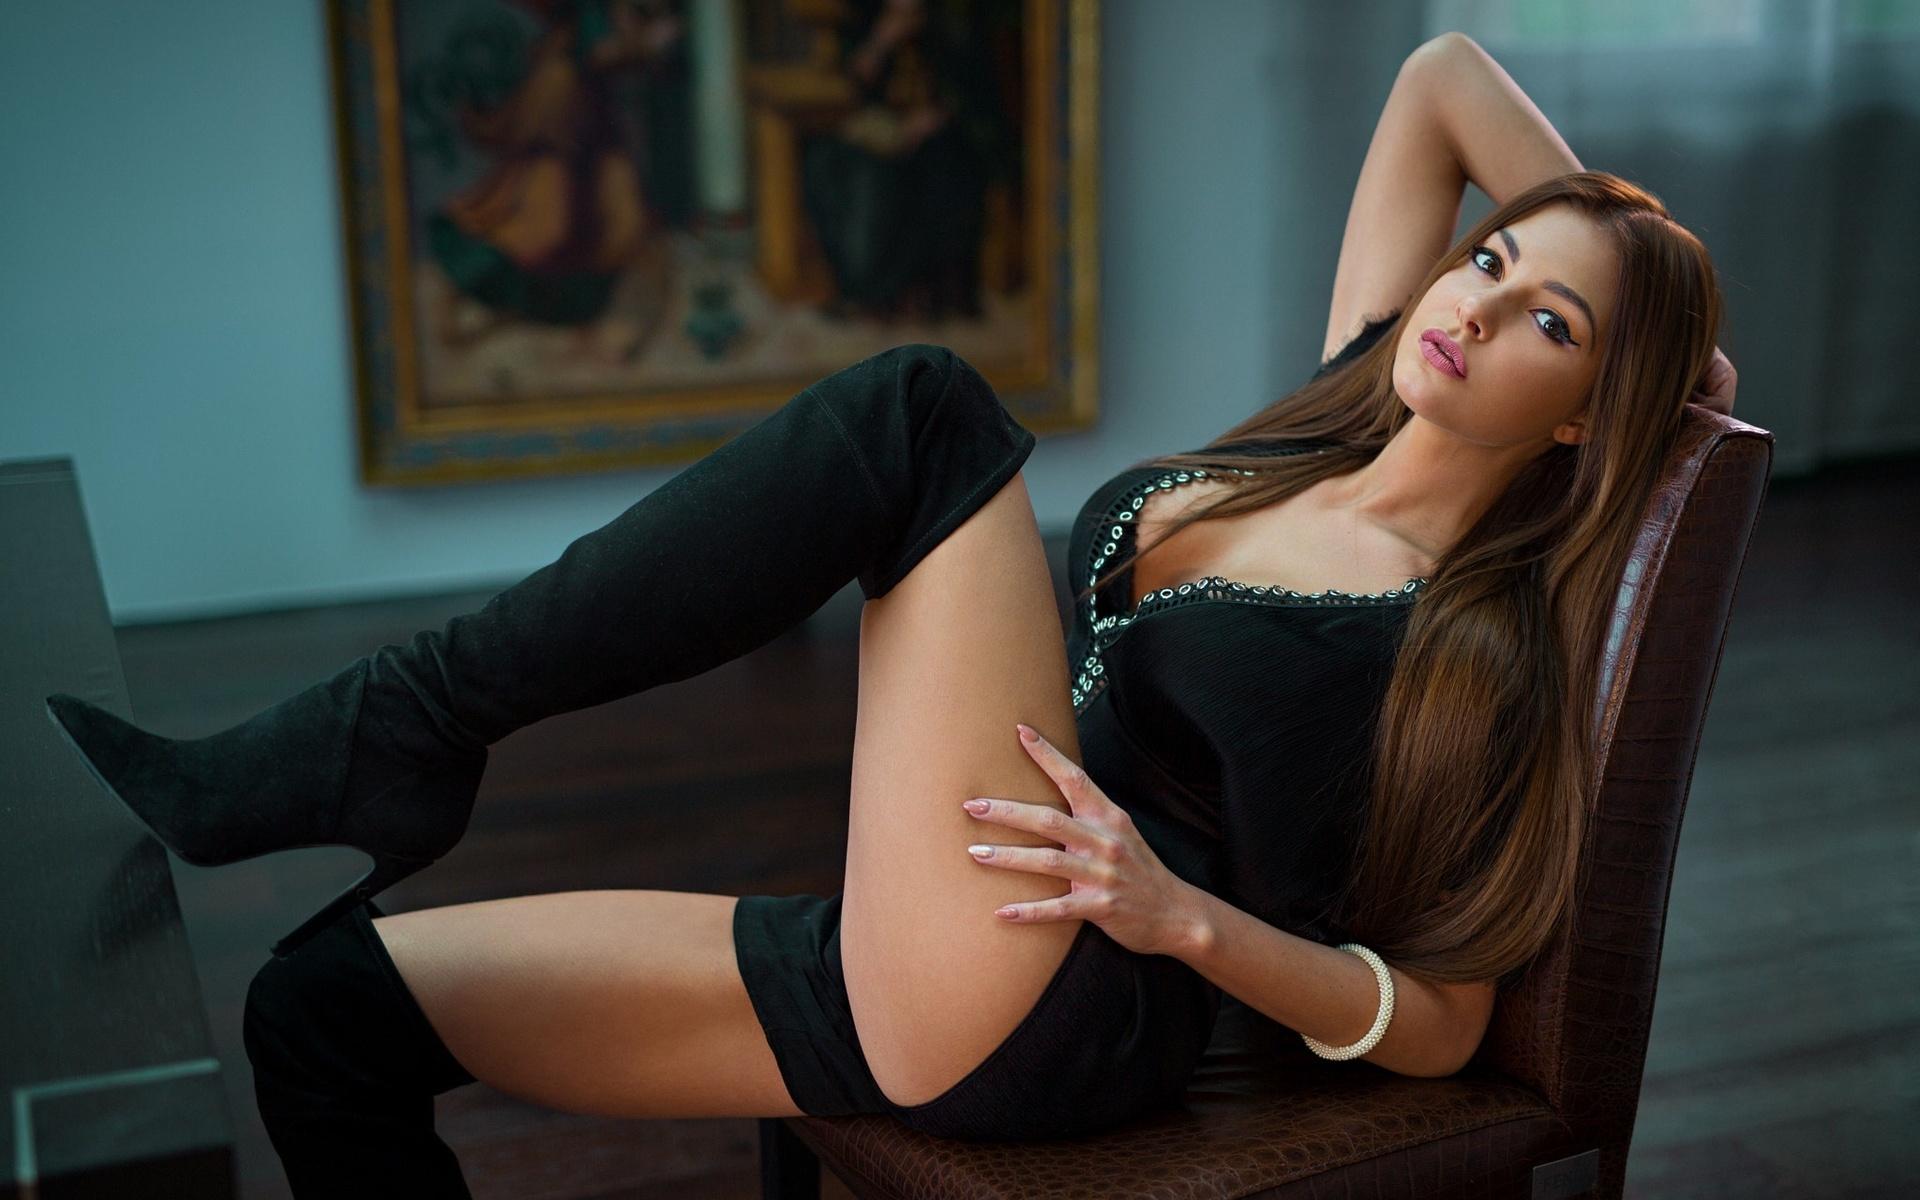 Фото ню девушки в красивых позах, Голые девушки в сексуальных позах (34 фото) 29 фотография